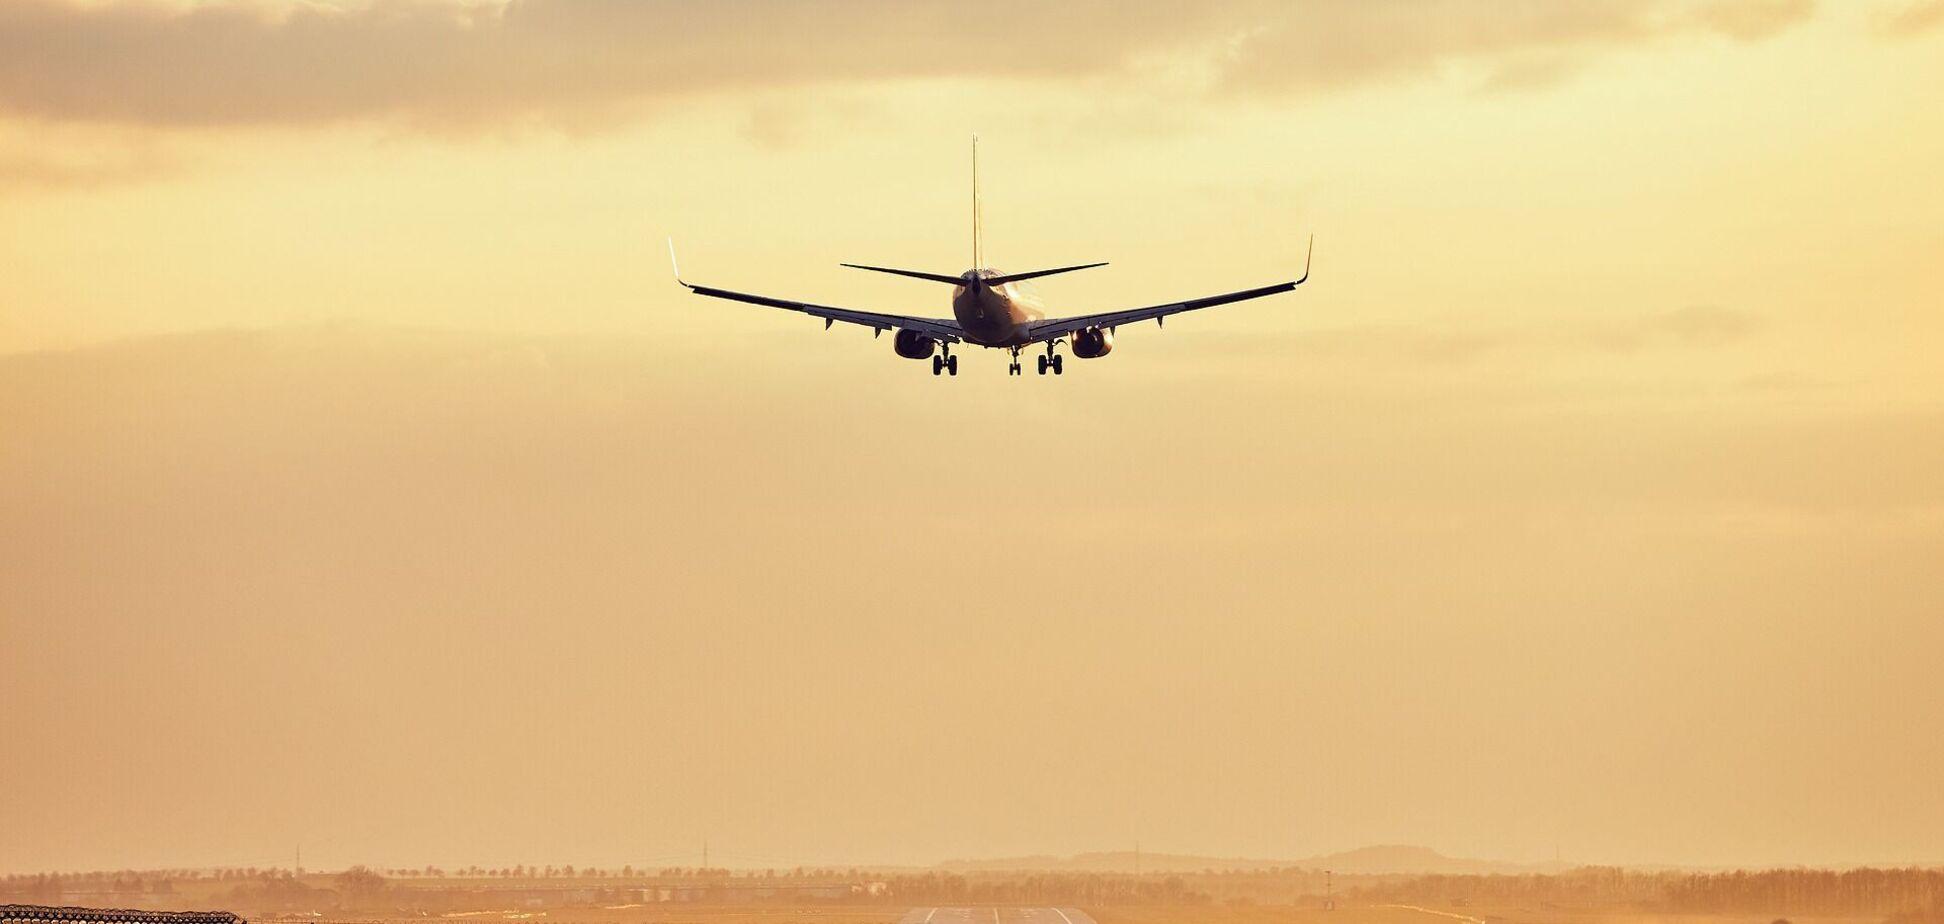 Украинский суд 'арестовал' 13 самолетов российской авиакомпании